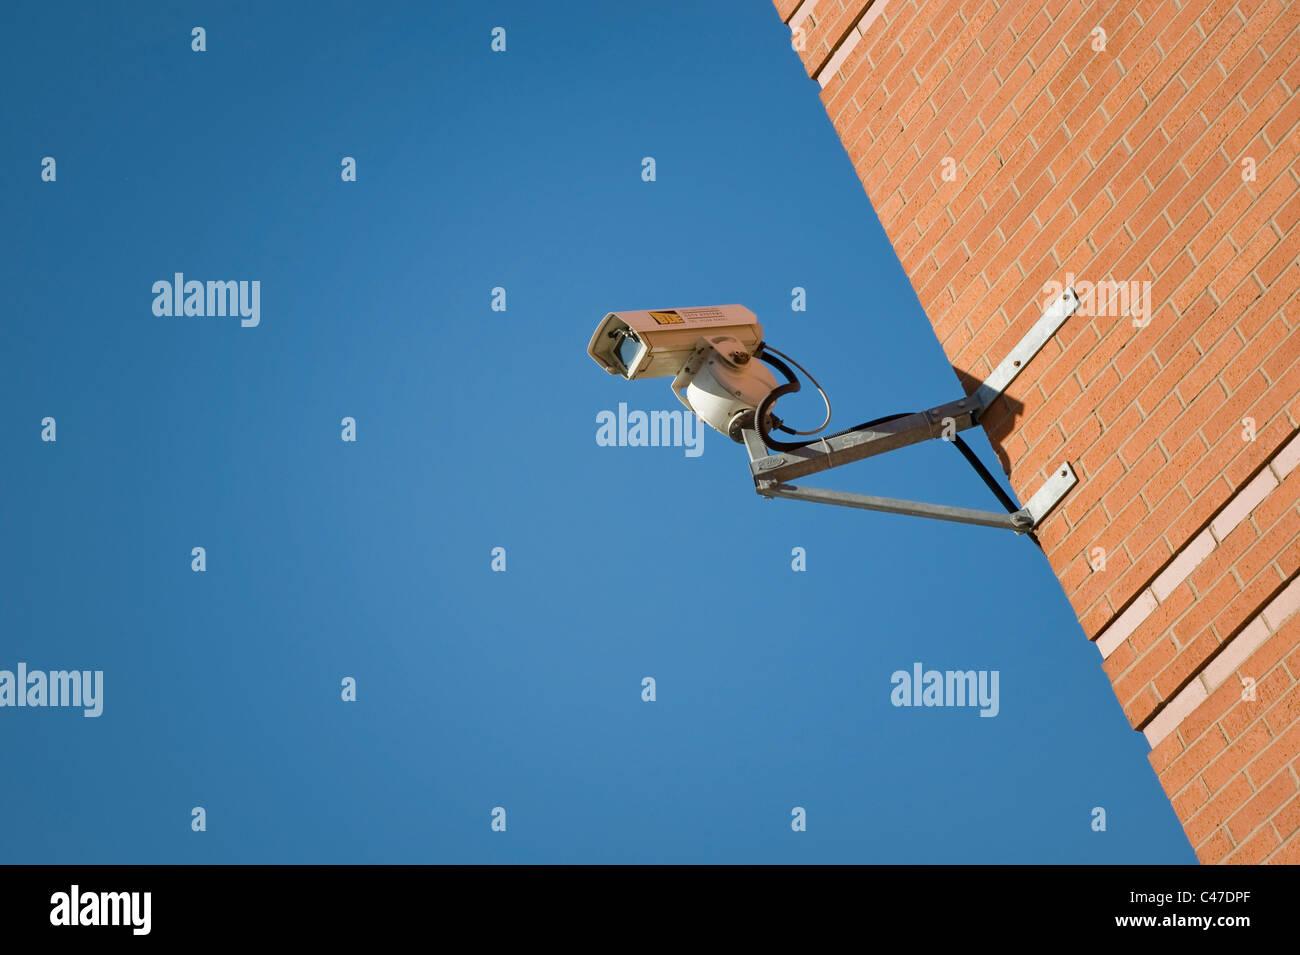 Eine CCTV-Kamera an einem hellen und klaren Himmel-Tag mit einer Mauer befestigt. Stockbild